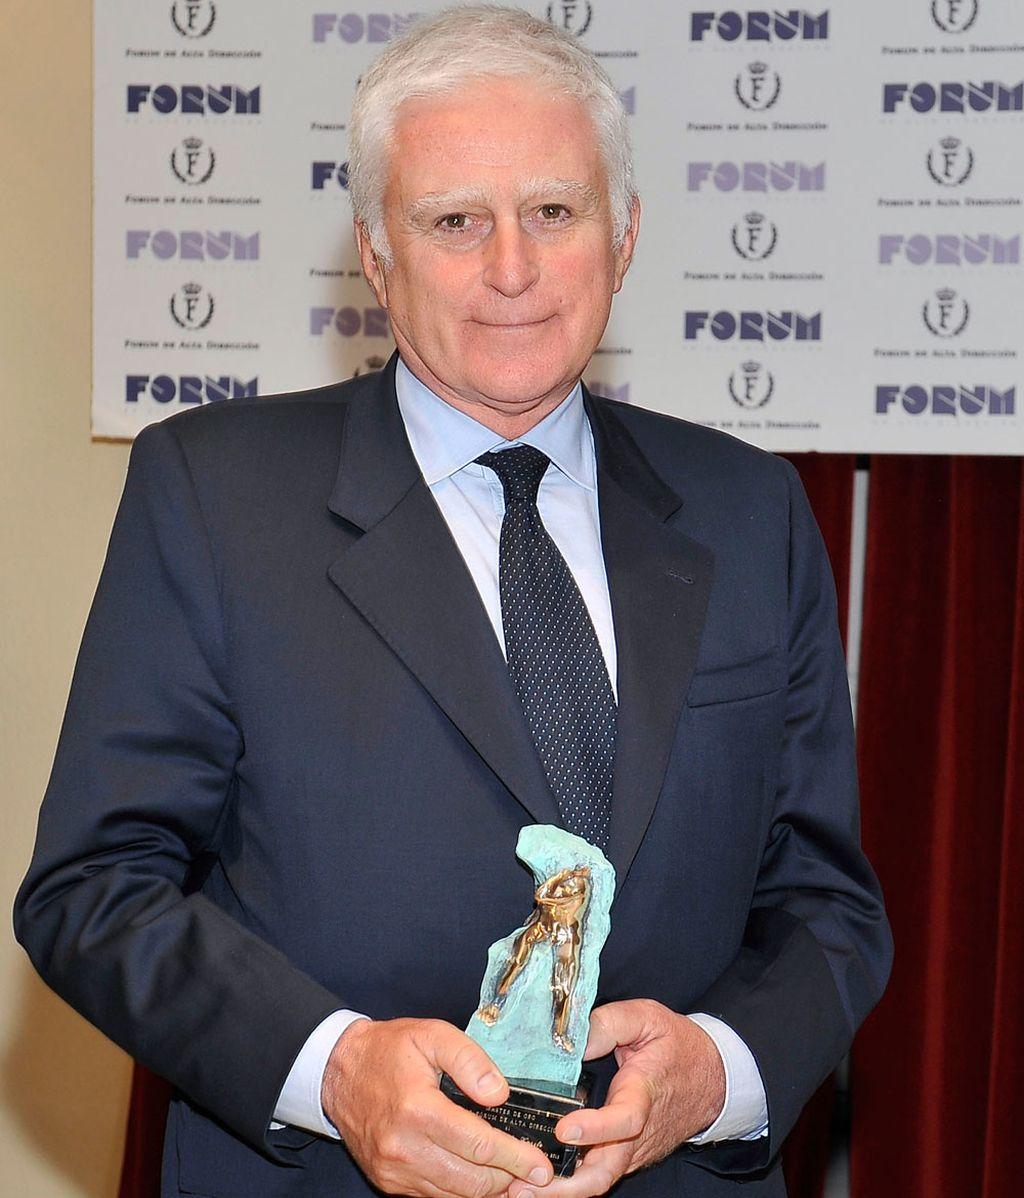 Paolo Vasile, galardonado con el Máster de Oro del Real Fórum de Alta Dirección